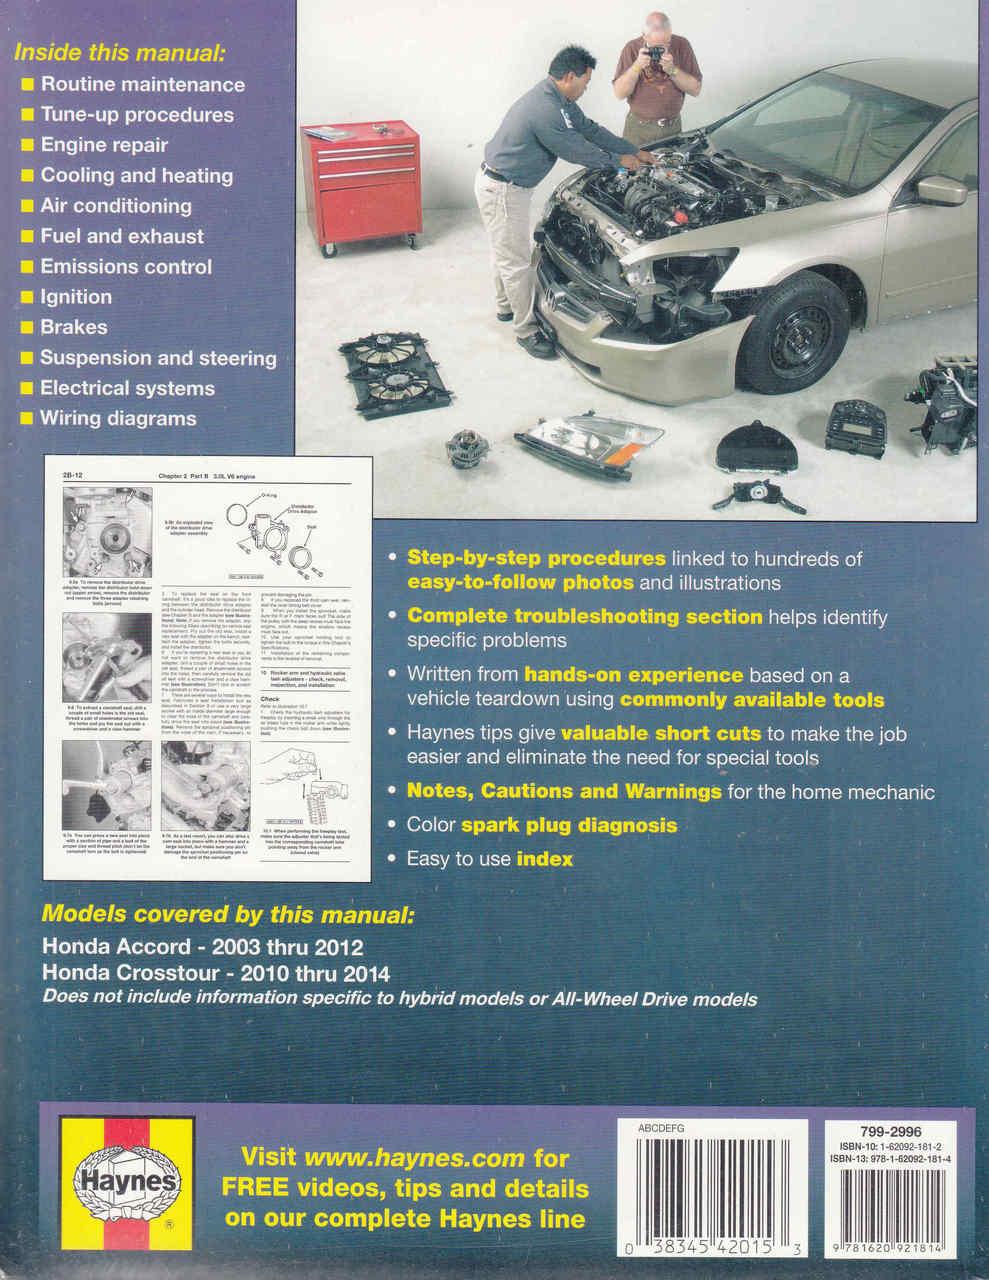 Honda Accord Crosstour 2003 2012 Workshop Manual 1984 Wiring Diagram 2014